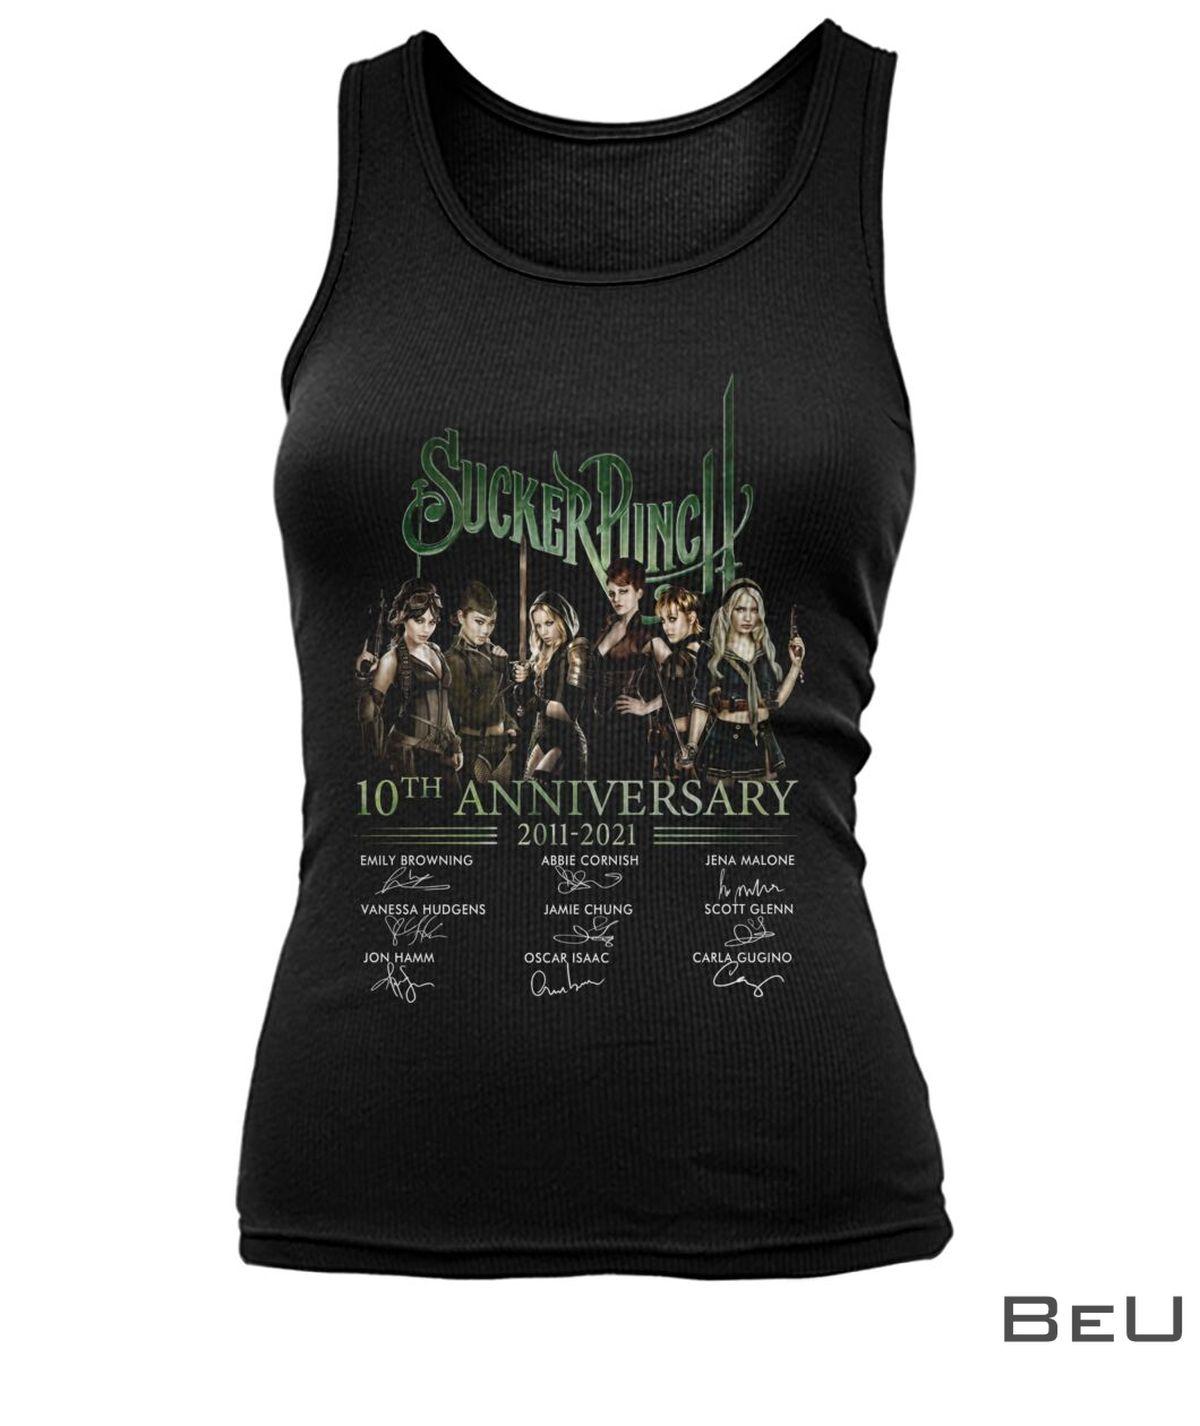 Sucker Punch 10th Anniversary 2011-2021 Shirt x